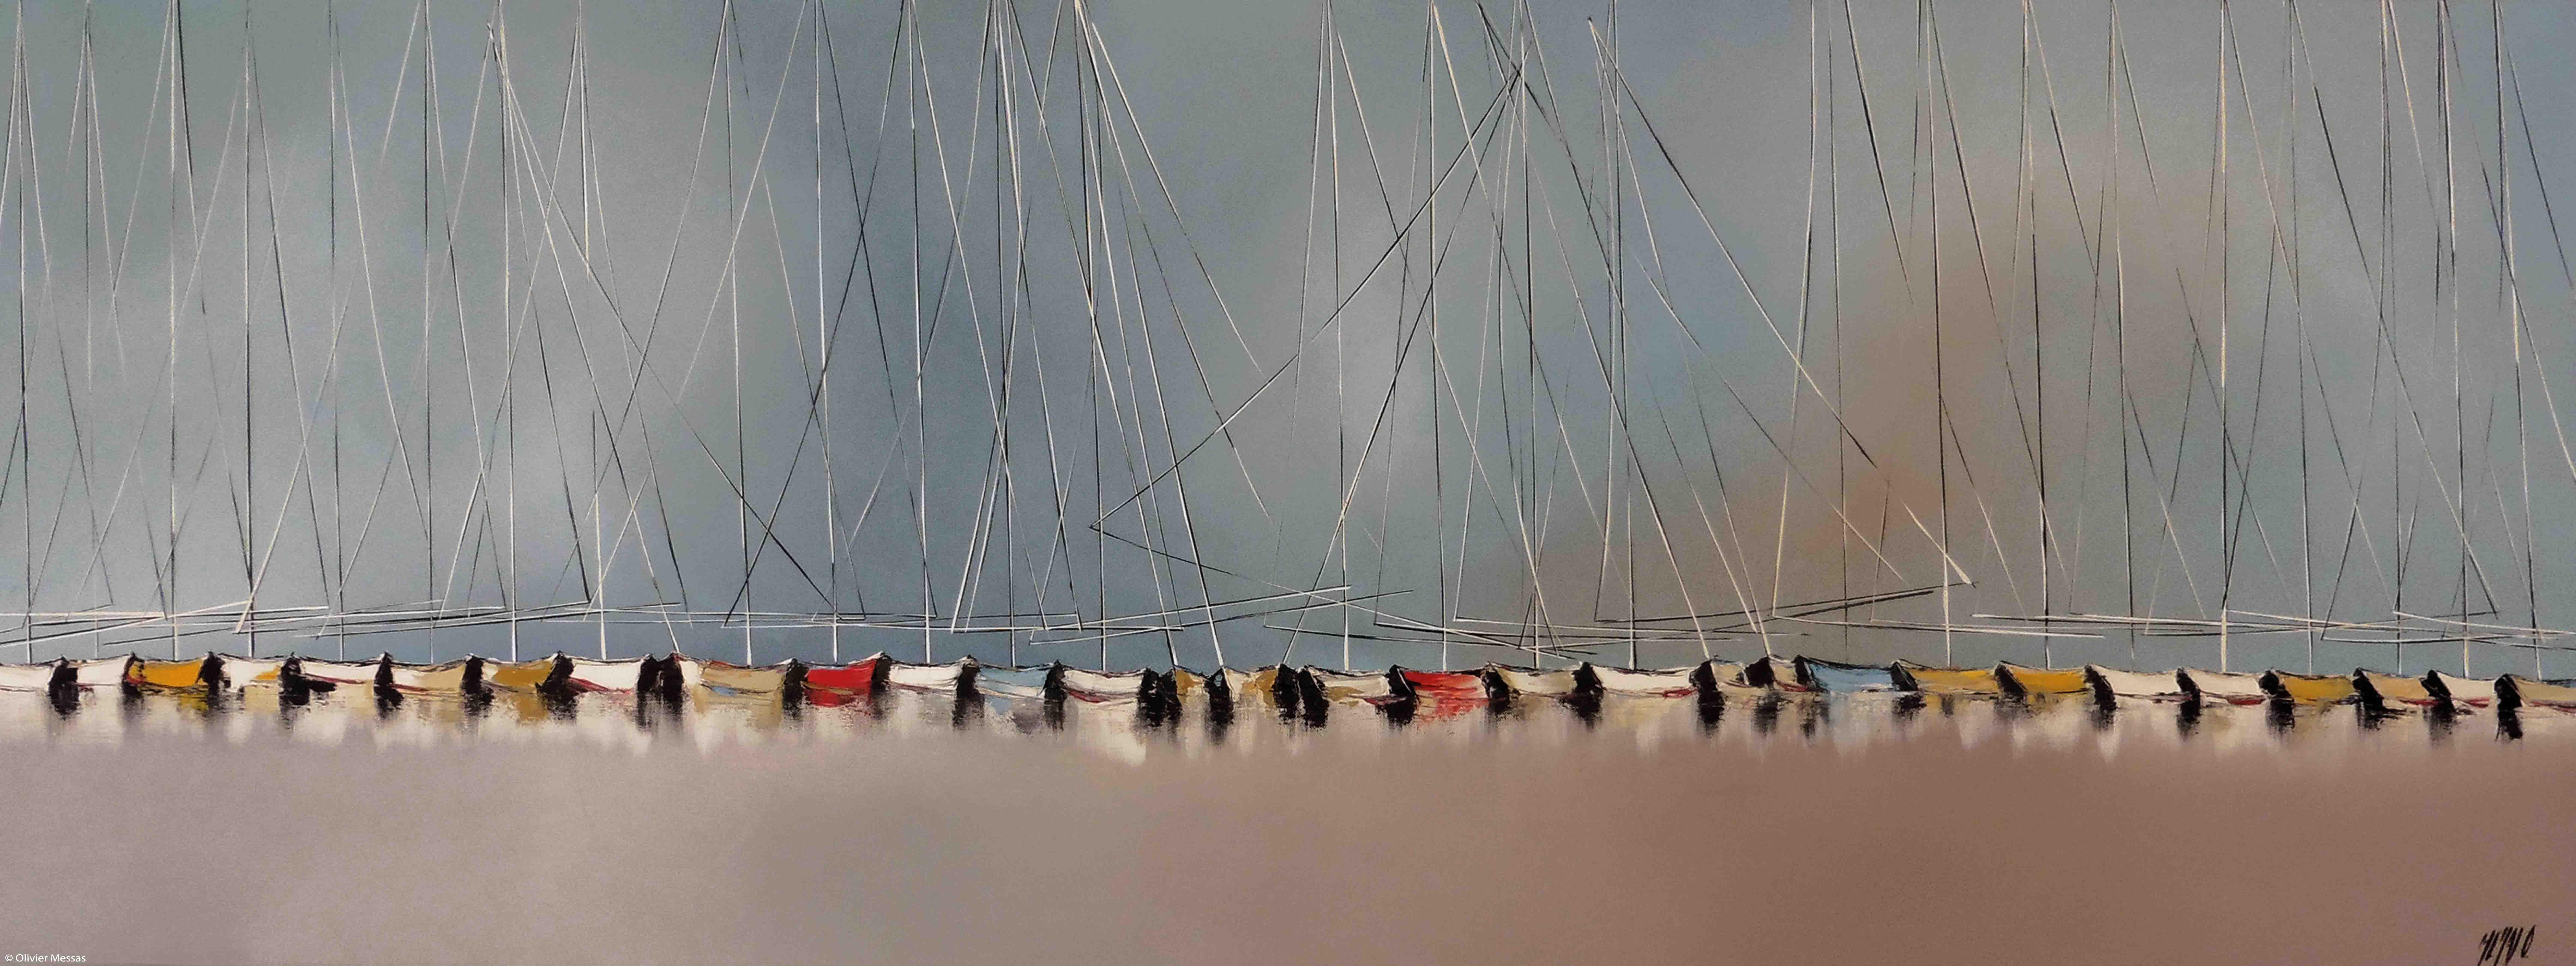 Histoire de voiliers IV, 60x160cm